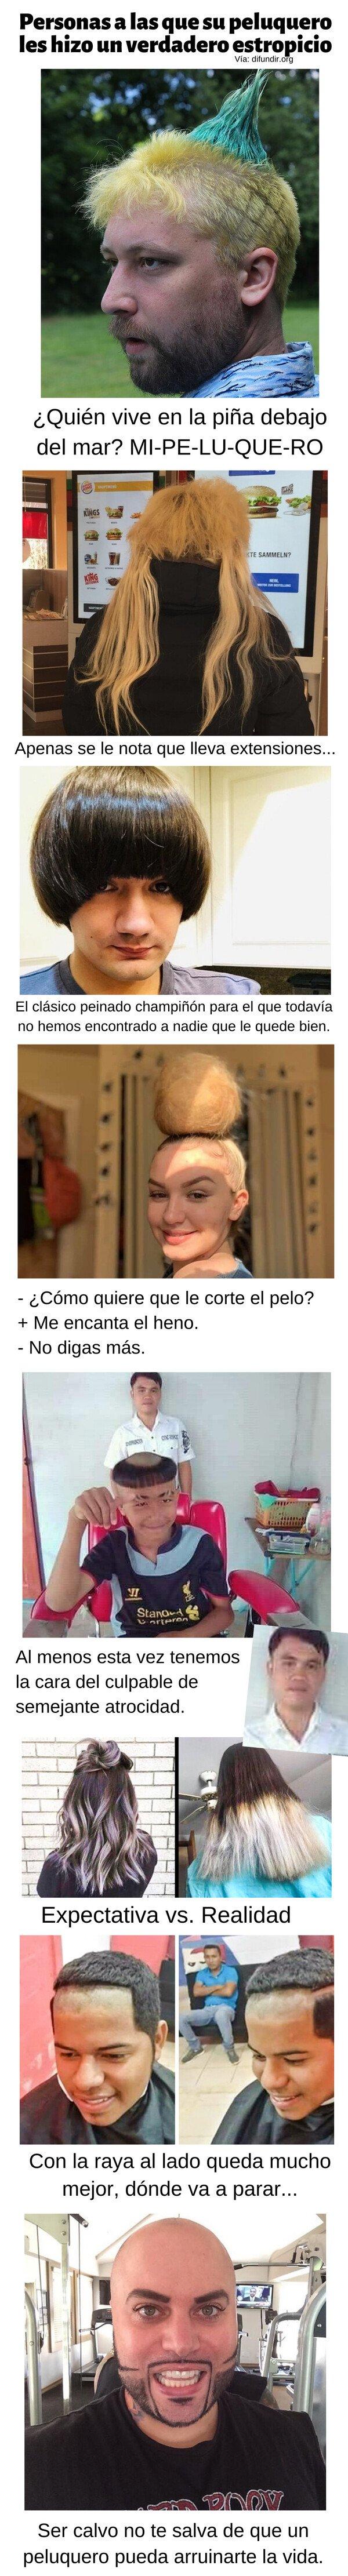 Meme_otros - Personas a las que su peluquero hizo un verdadero estropicio